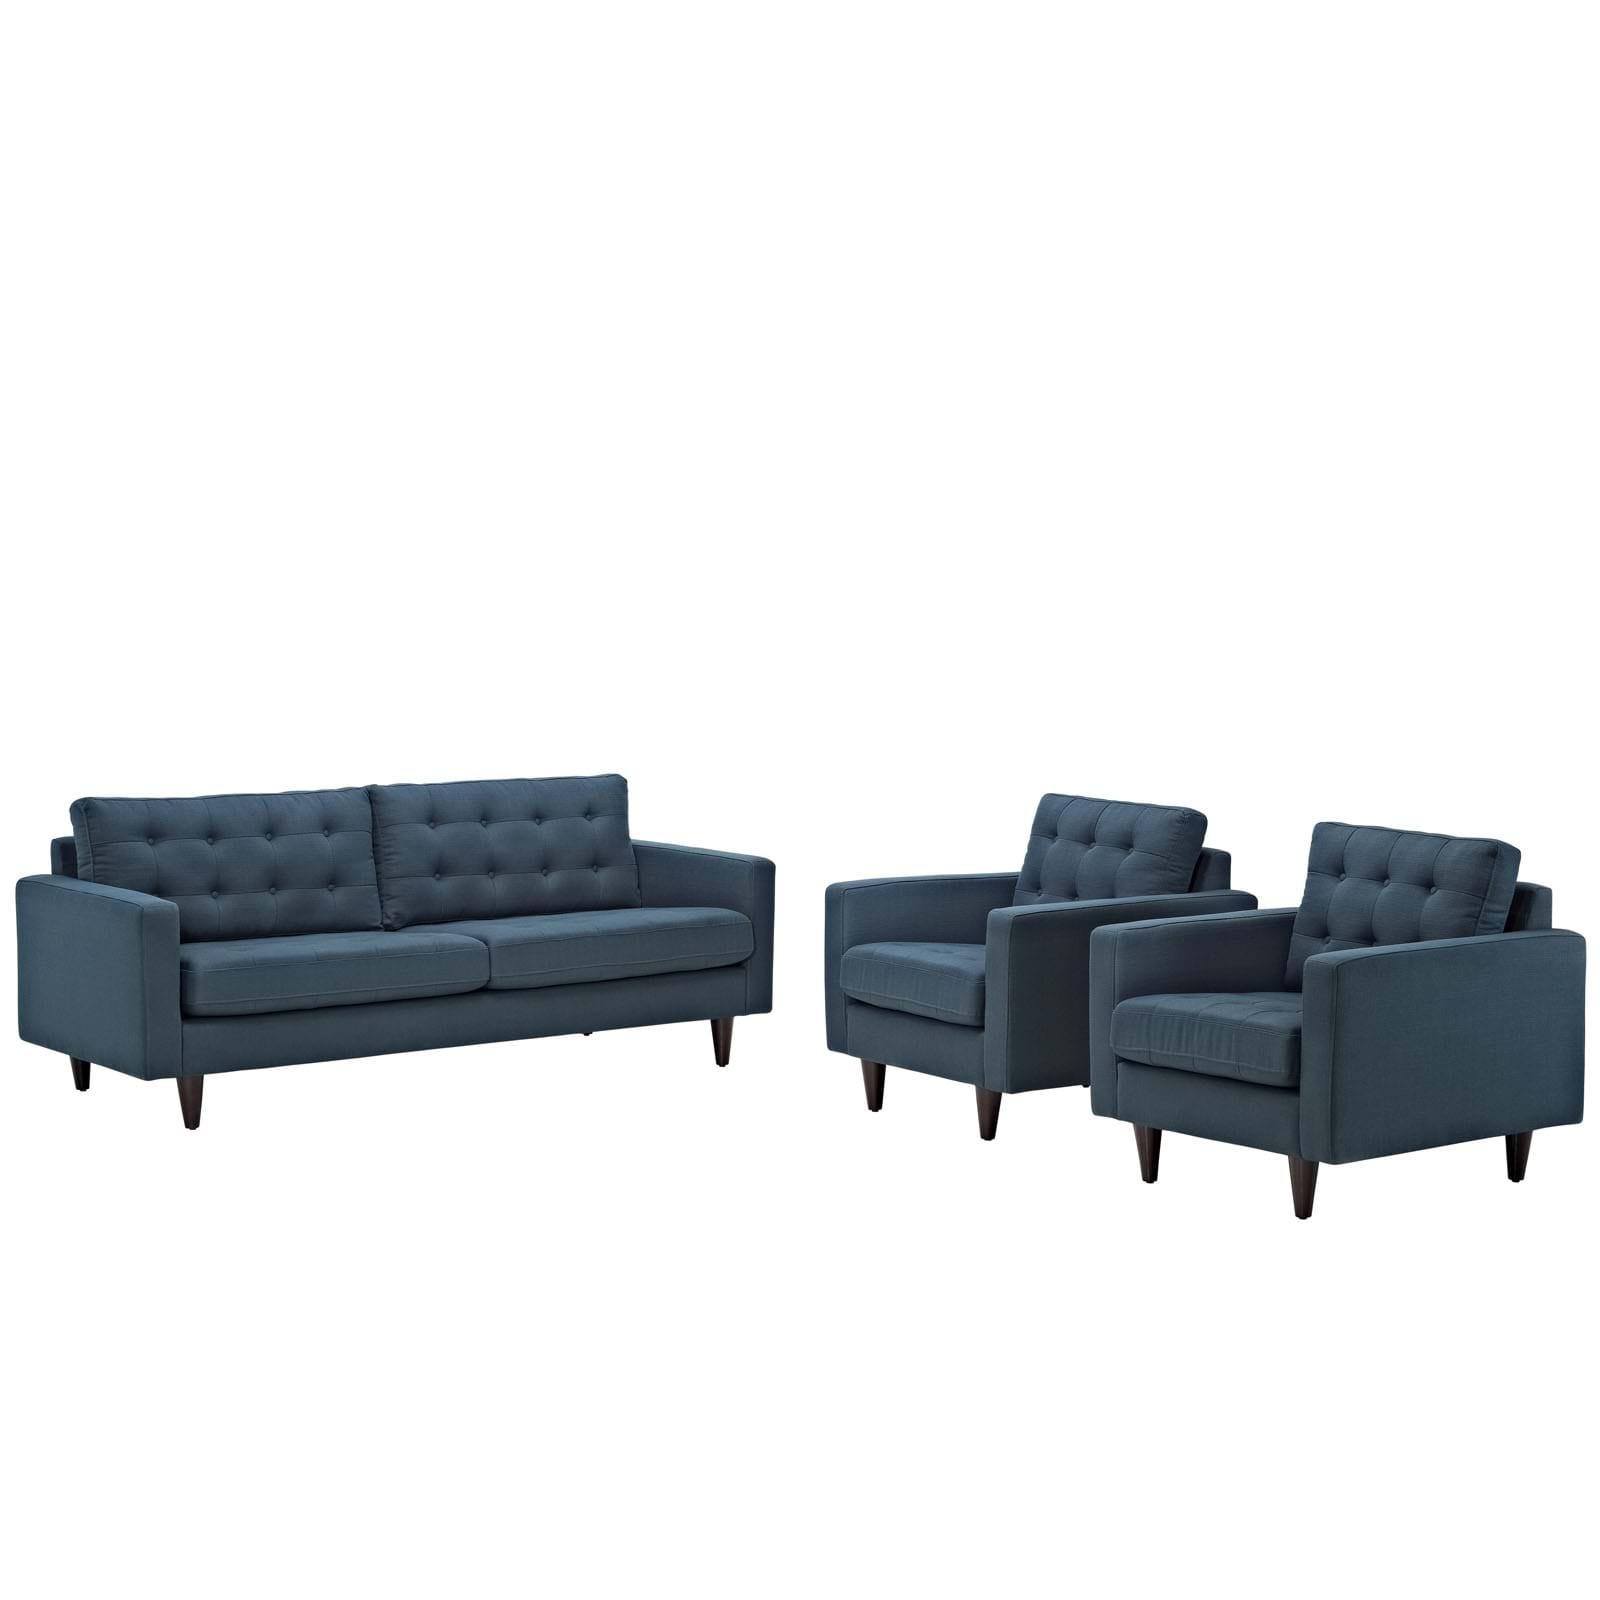 Empress 3 Piece Sofa and Armchairs Set